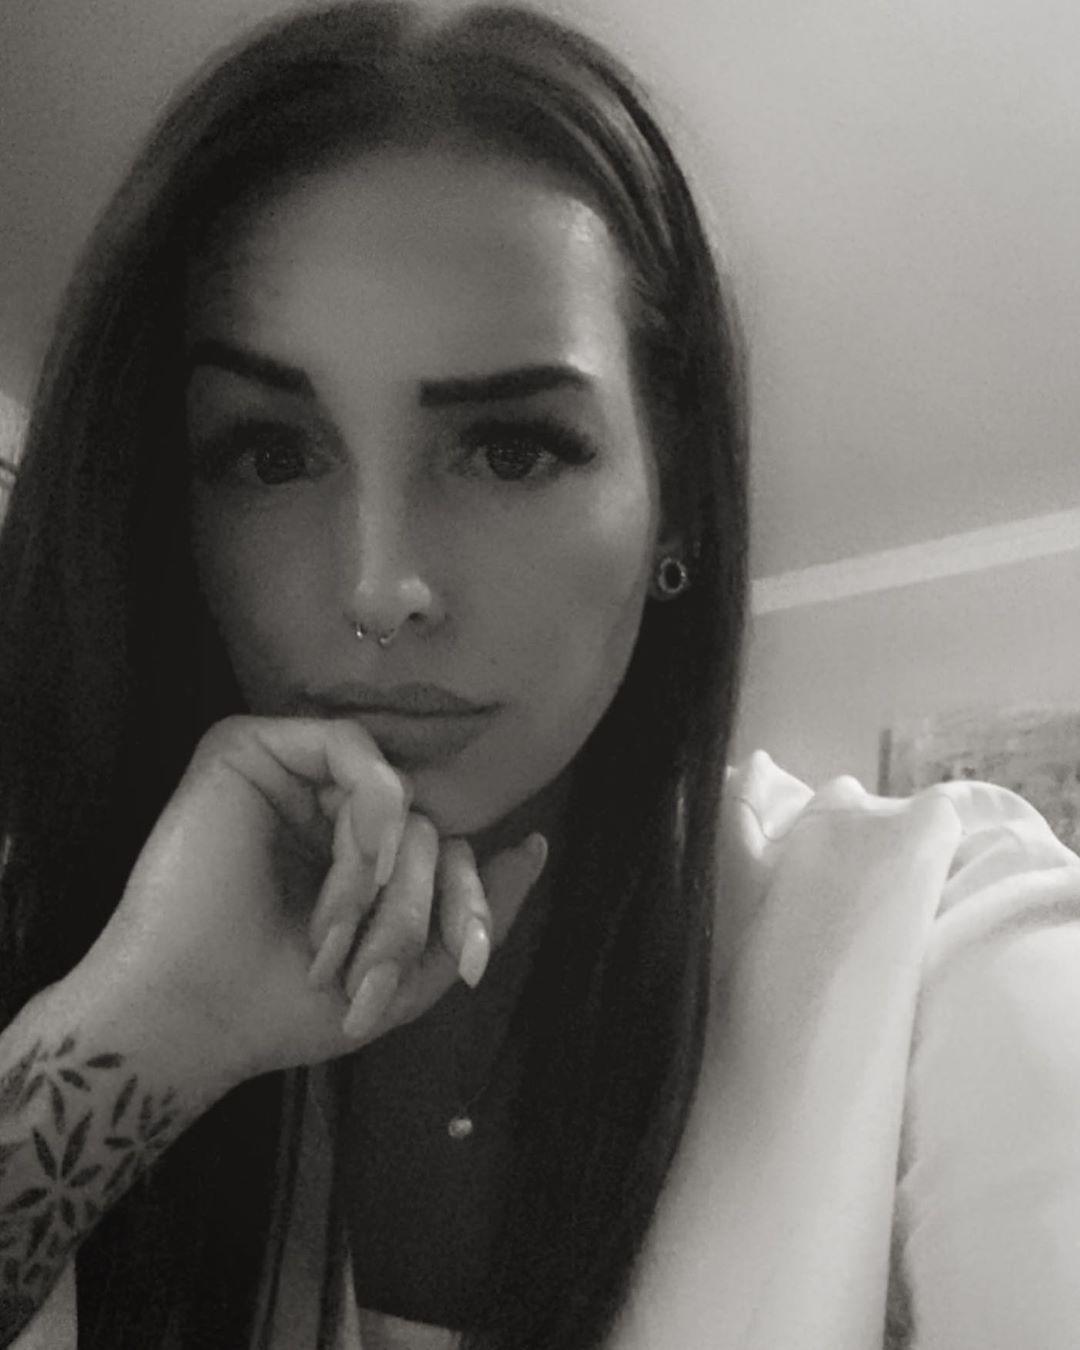 Mir egal ob ich richtig oder falsch liege - Hauptsache ich liege. 🤓 _______________________________________________________#blackandwhite #happyeaster #tattoogirl #inked #inkedgirl #tattted #tattoosofinstagram